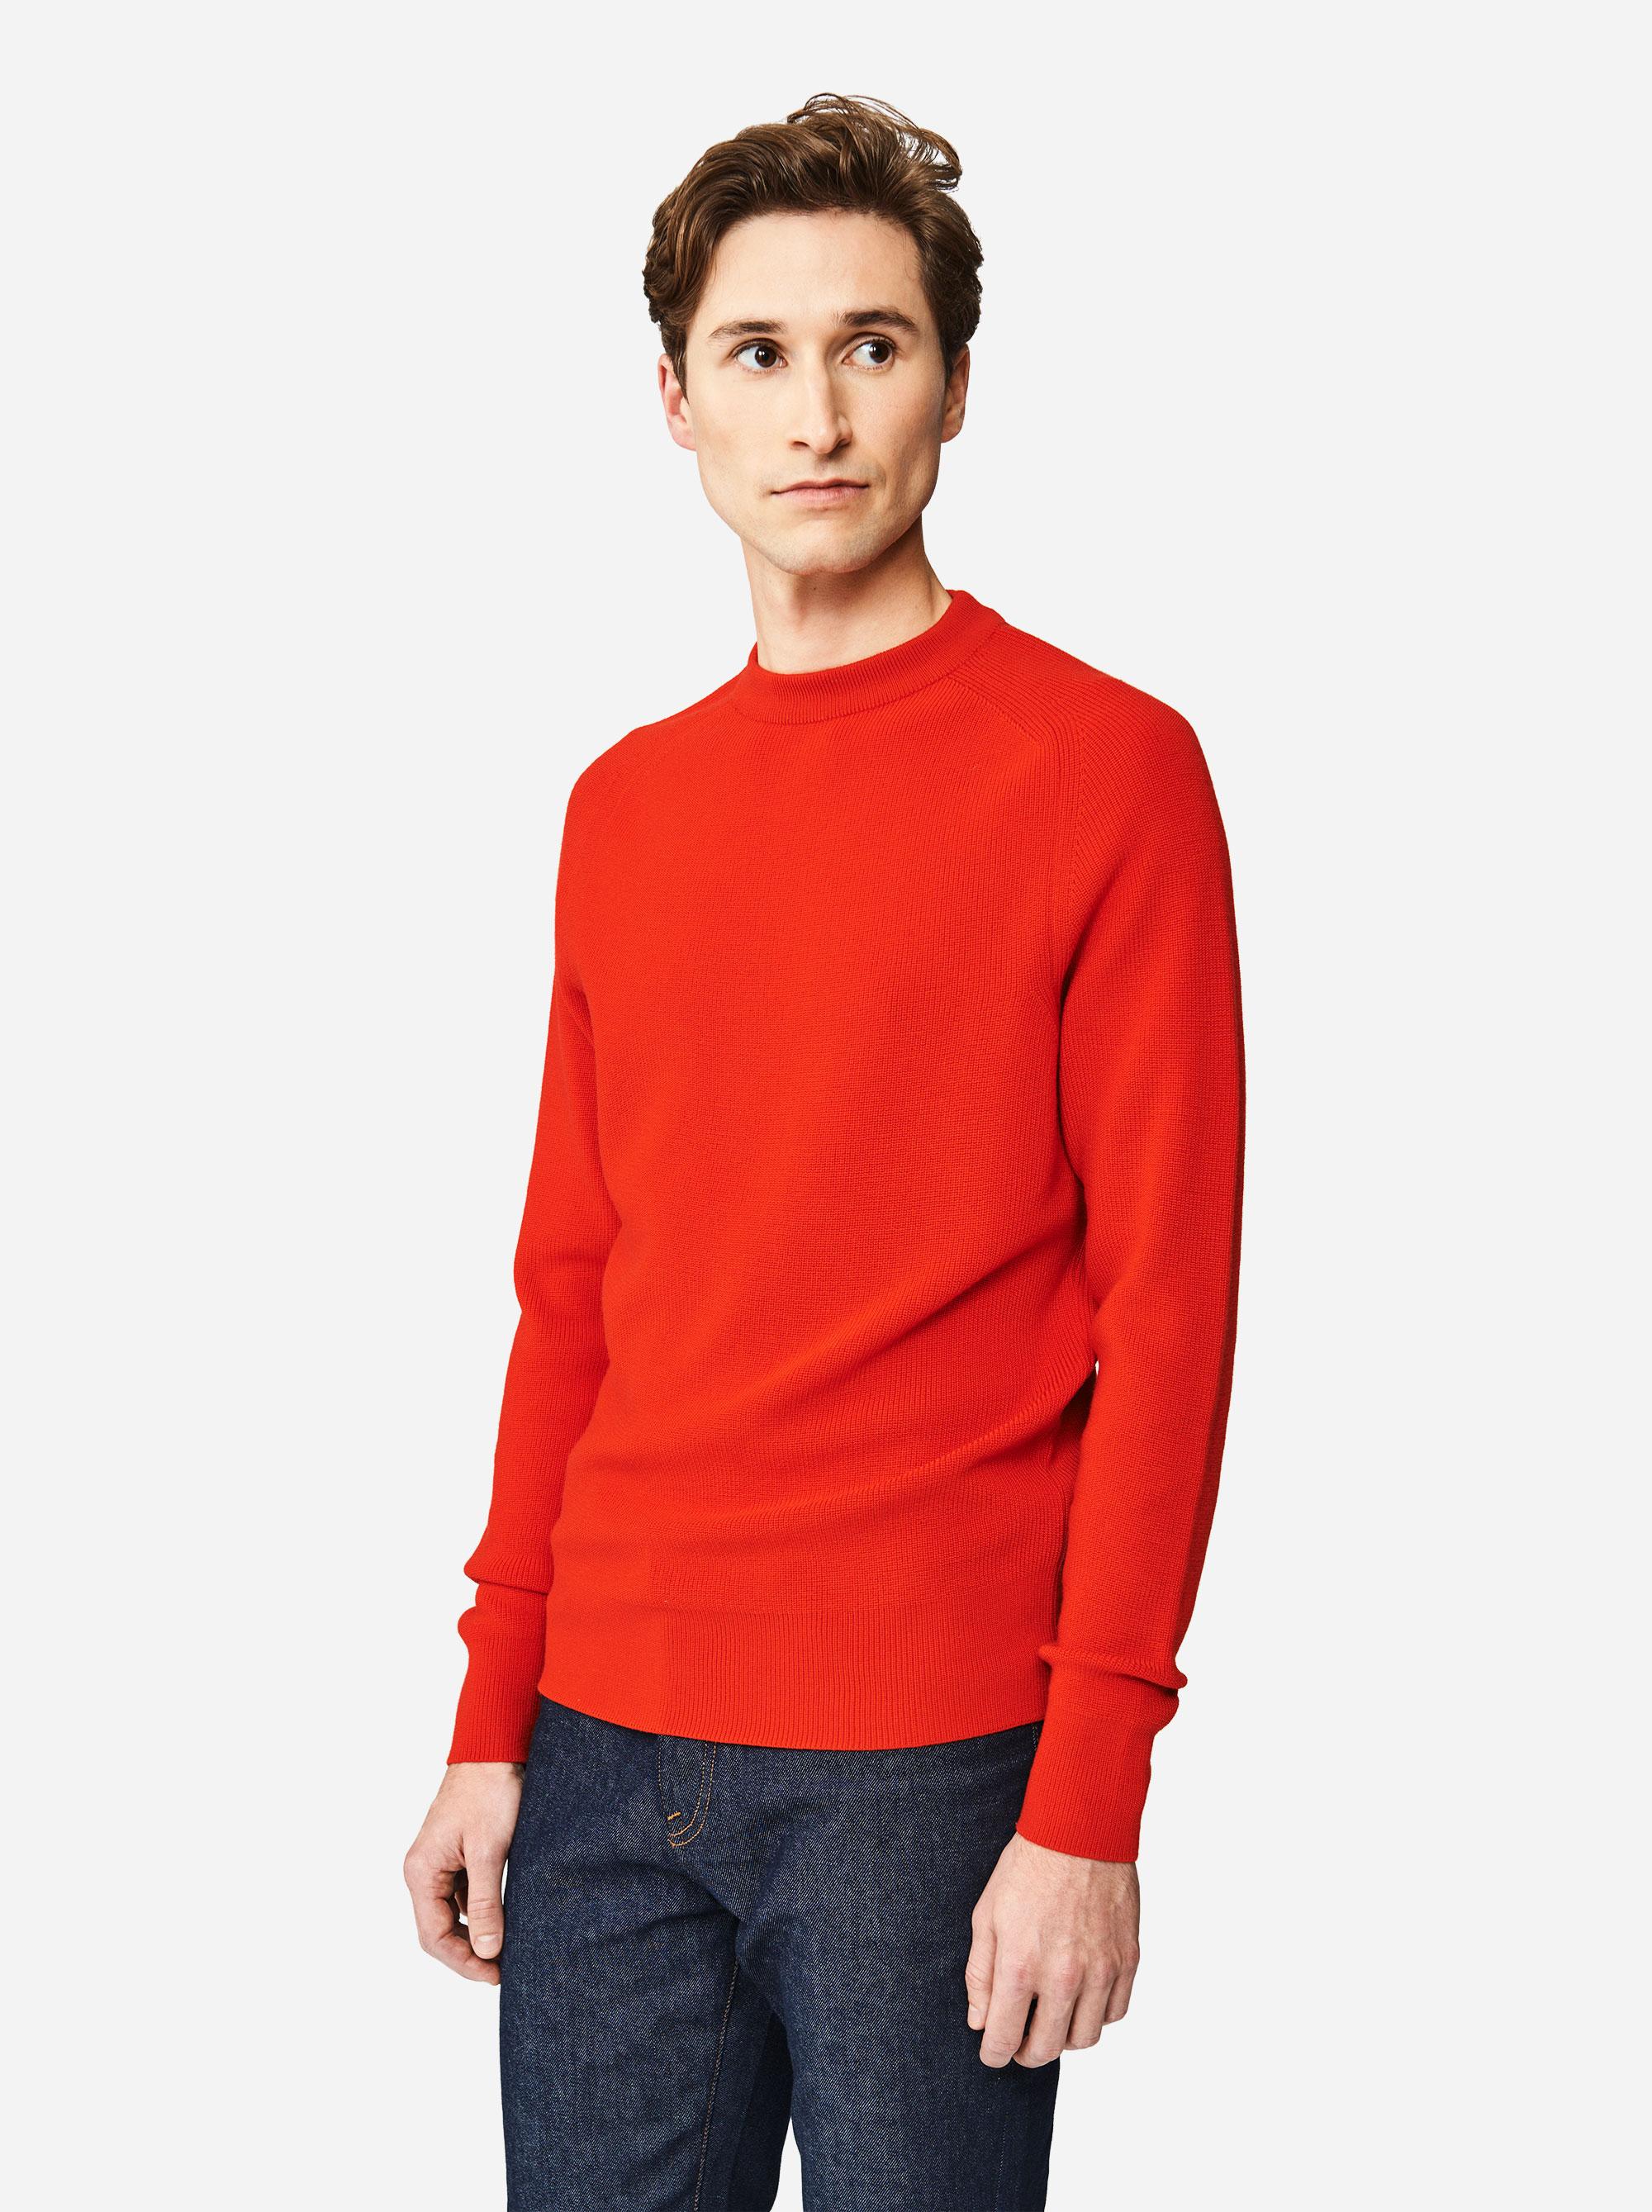 Teym - The Merino Sweater - Men - Red - 2